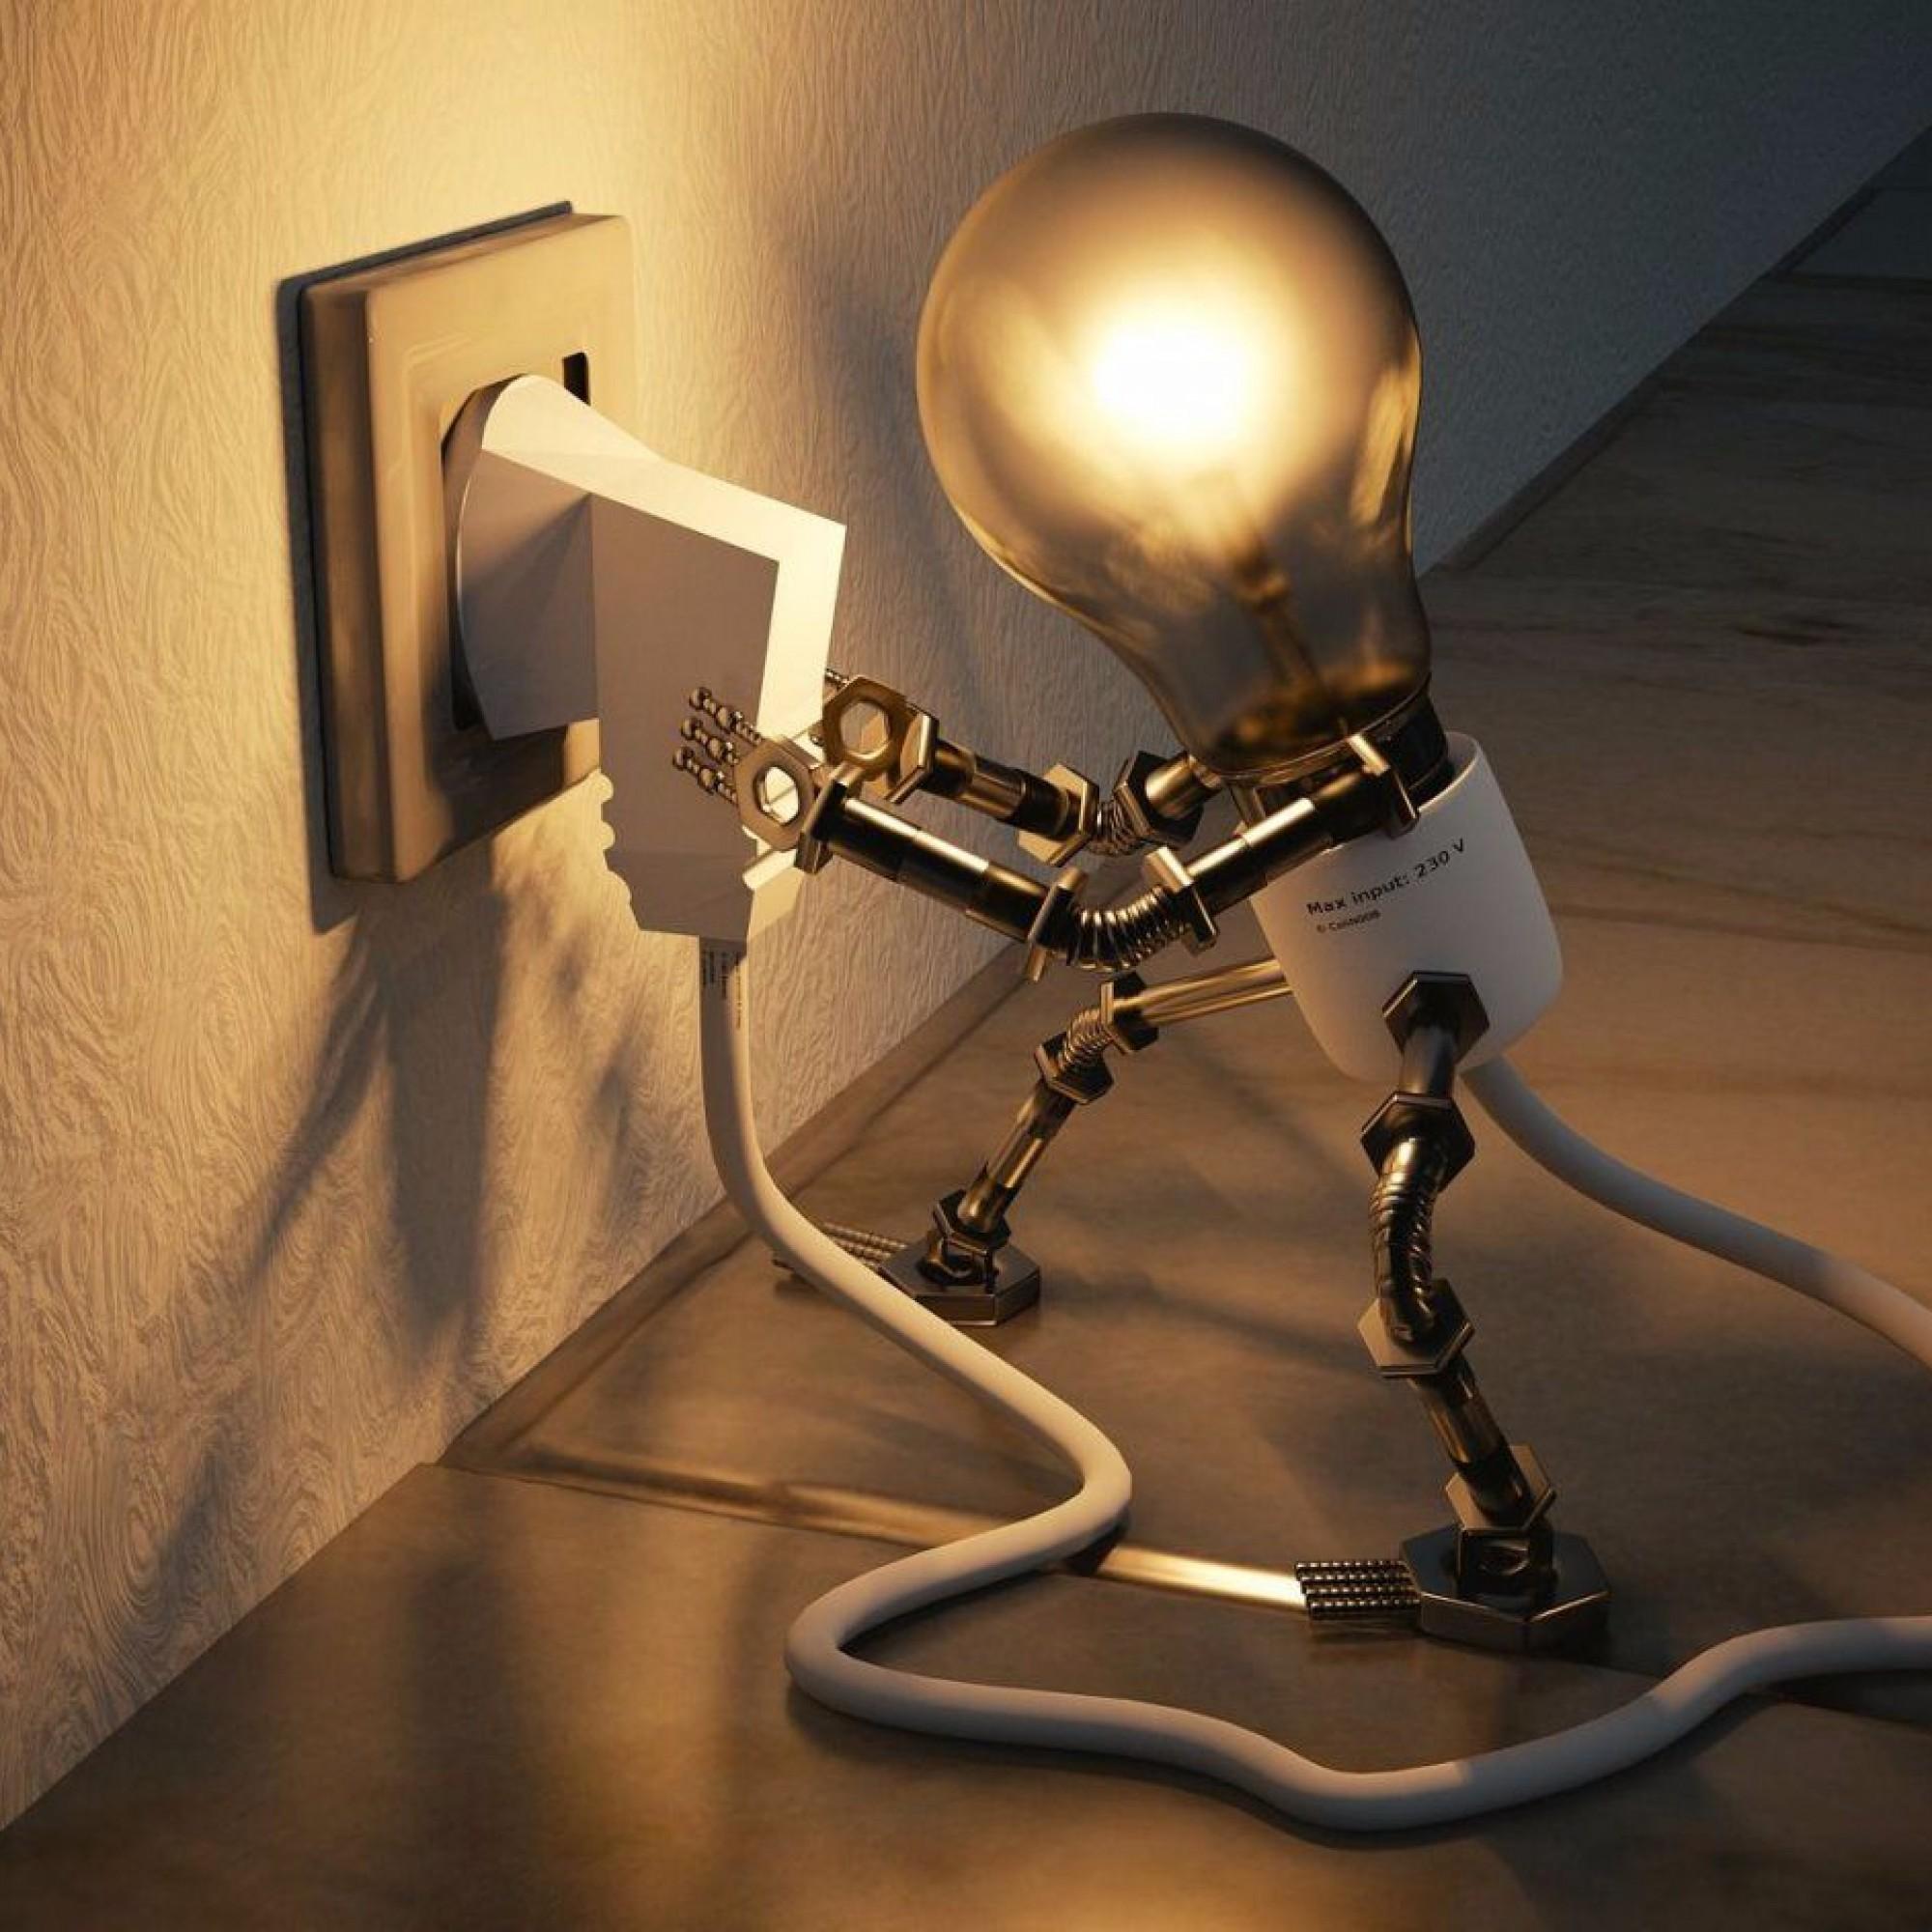 Trotz wachsender Wirtschaft und zunehmender Bevölkerung blieb der Stromverbrauch in der Schweiz nahezu stabil.